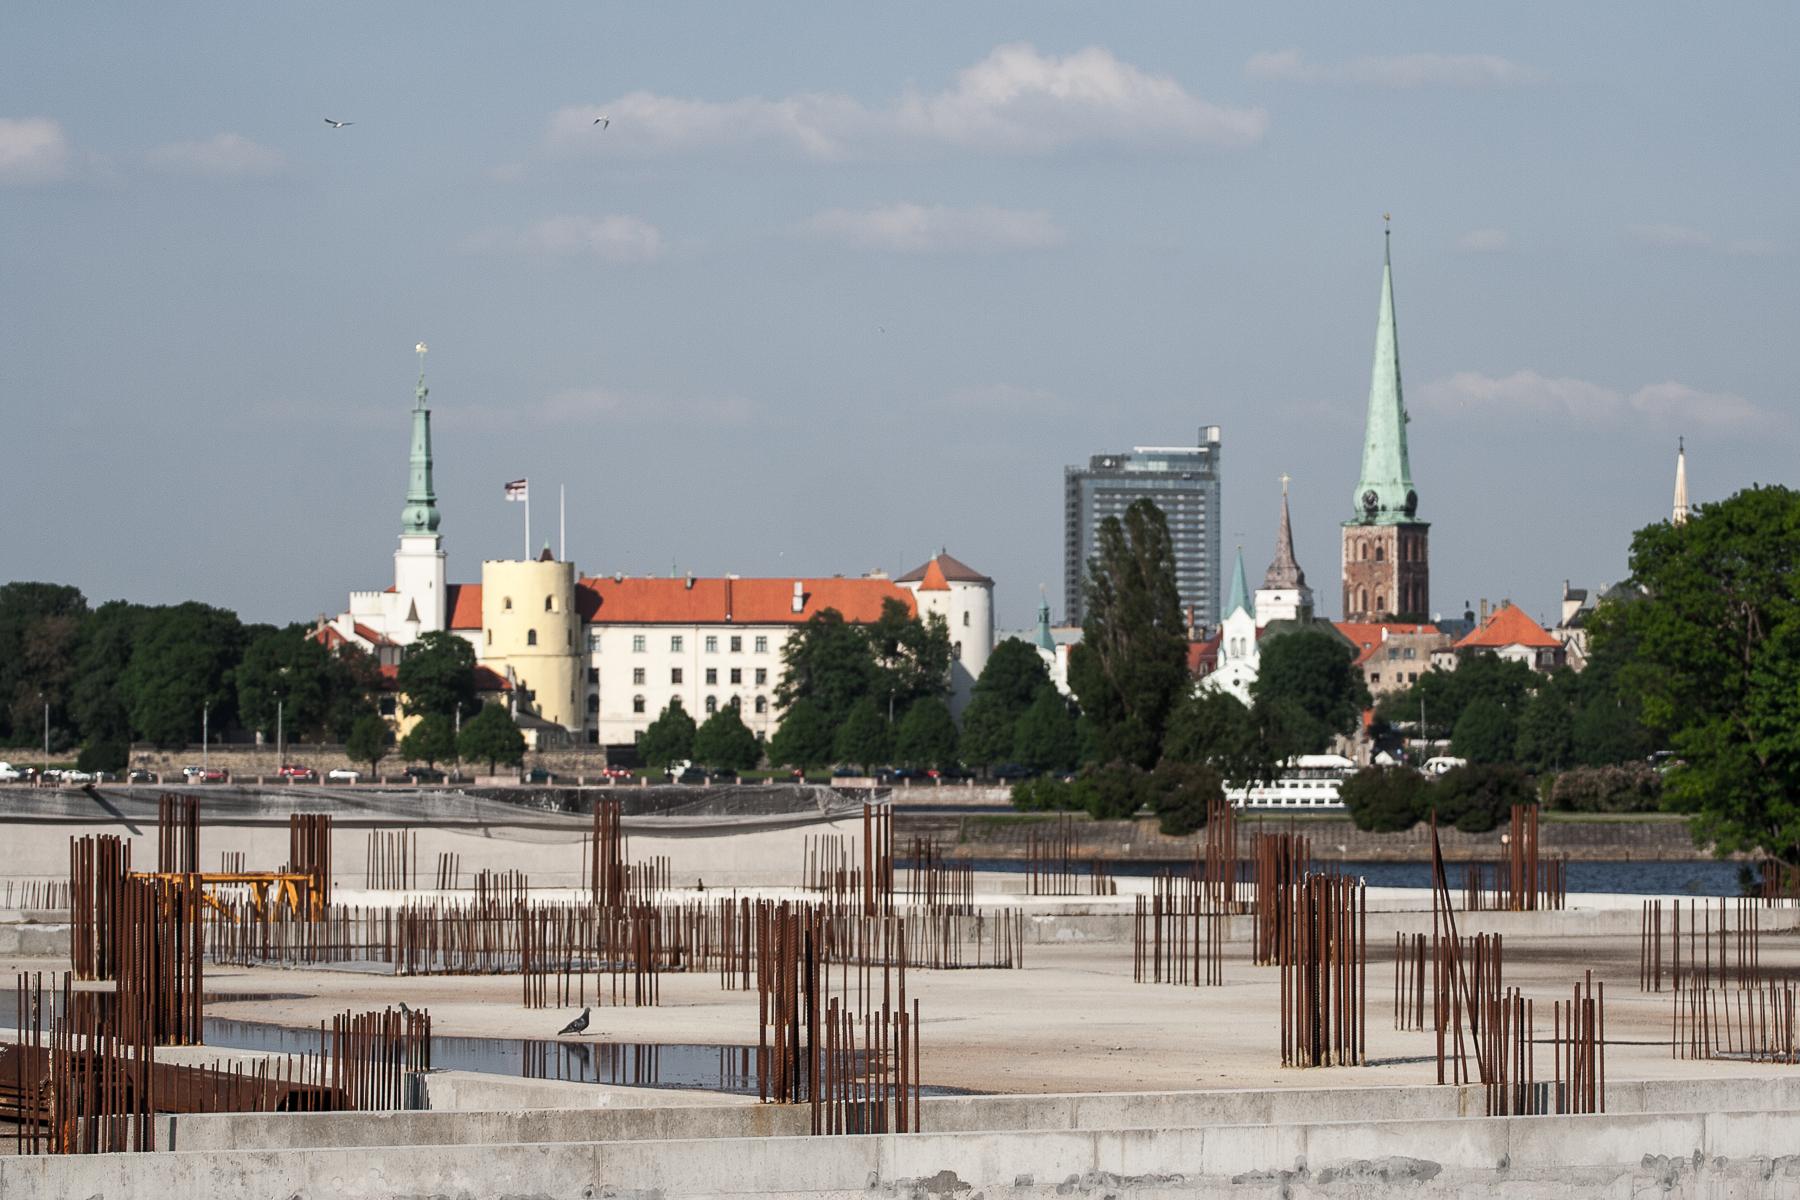 Building Riga Via @Atisgailis